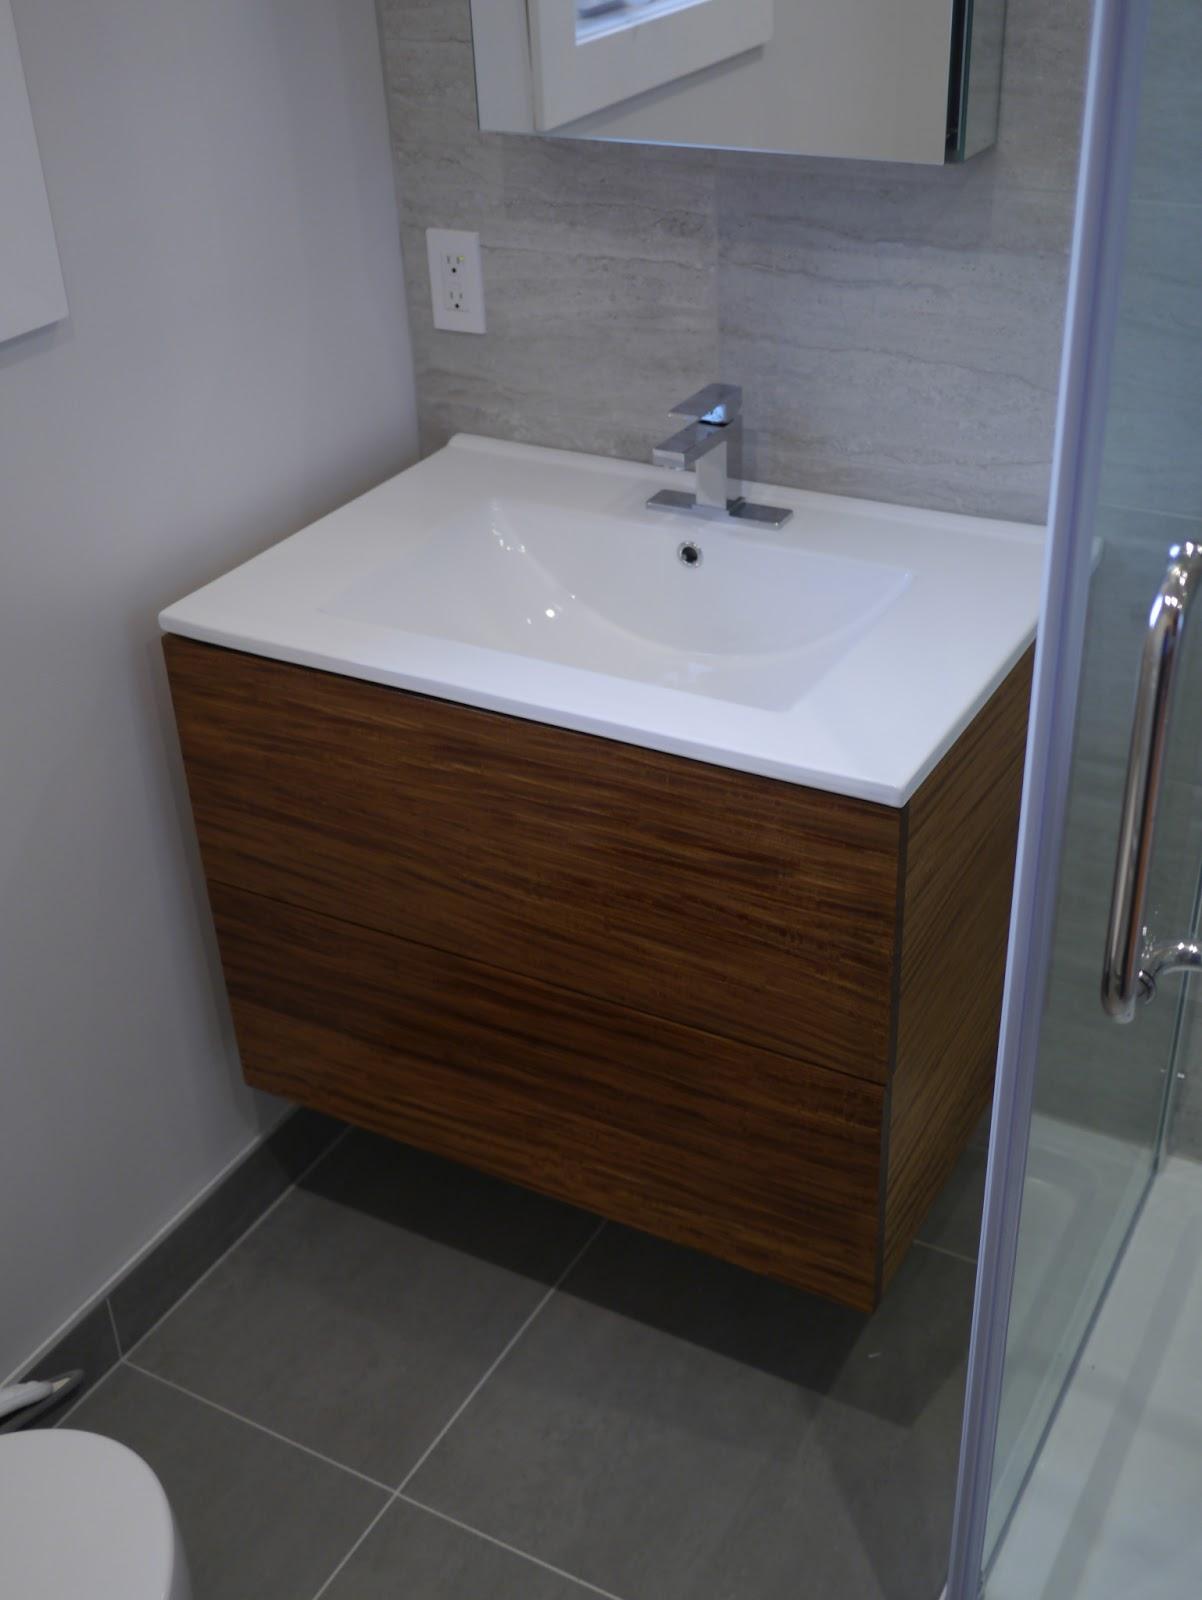 Vanite salle de bain moderne for Armoire salle de bain rona